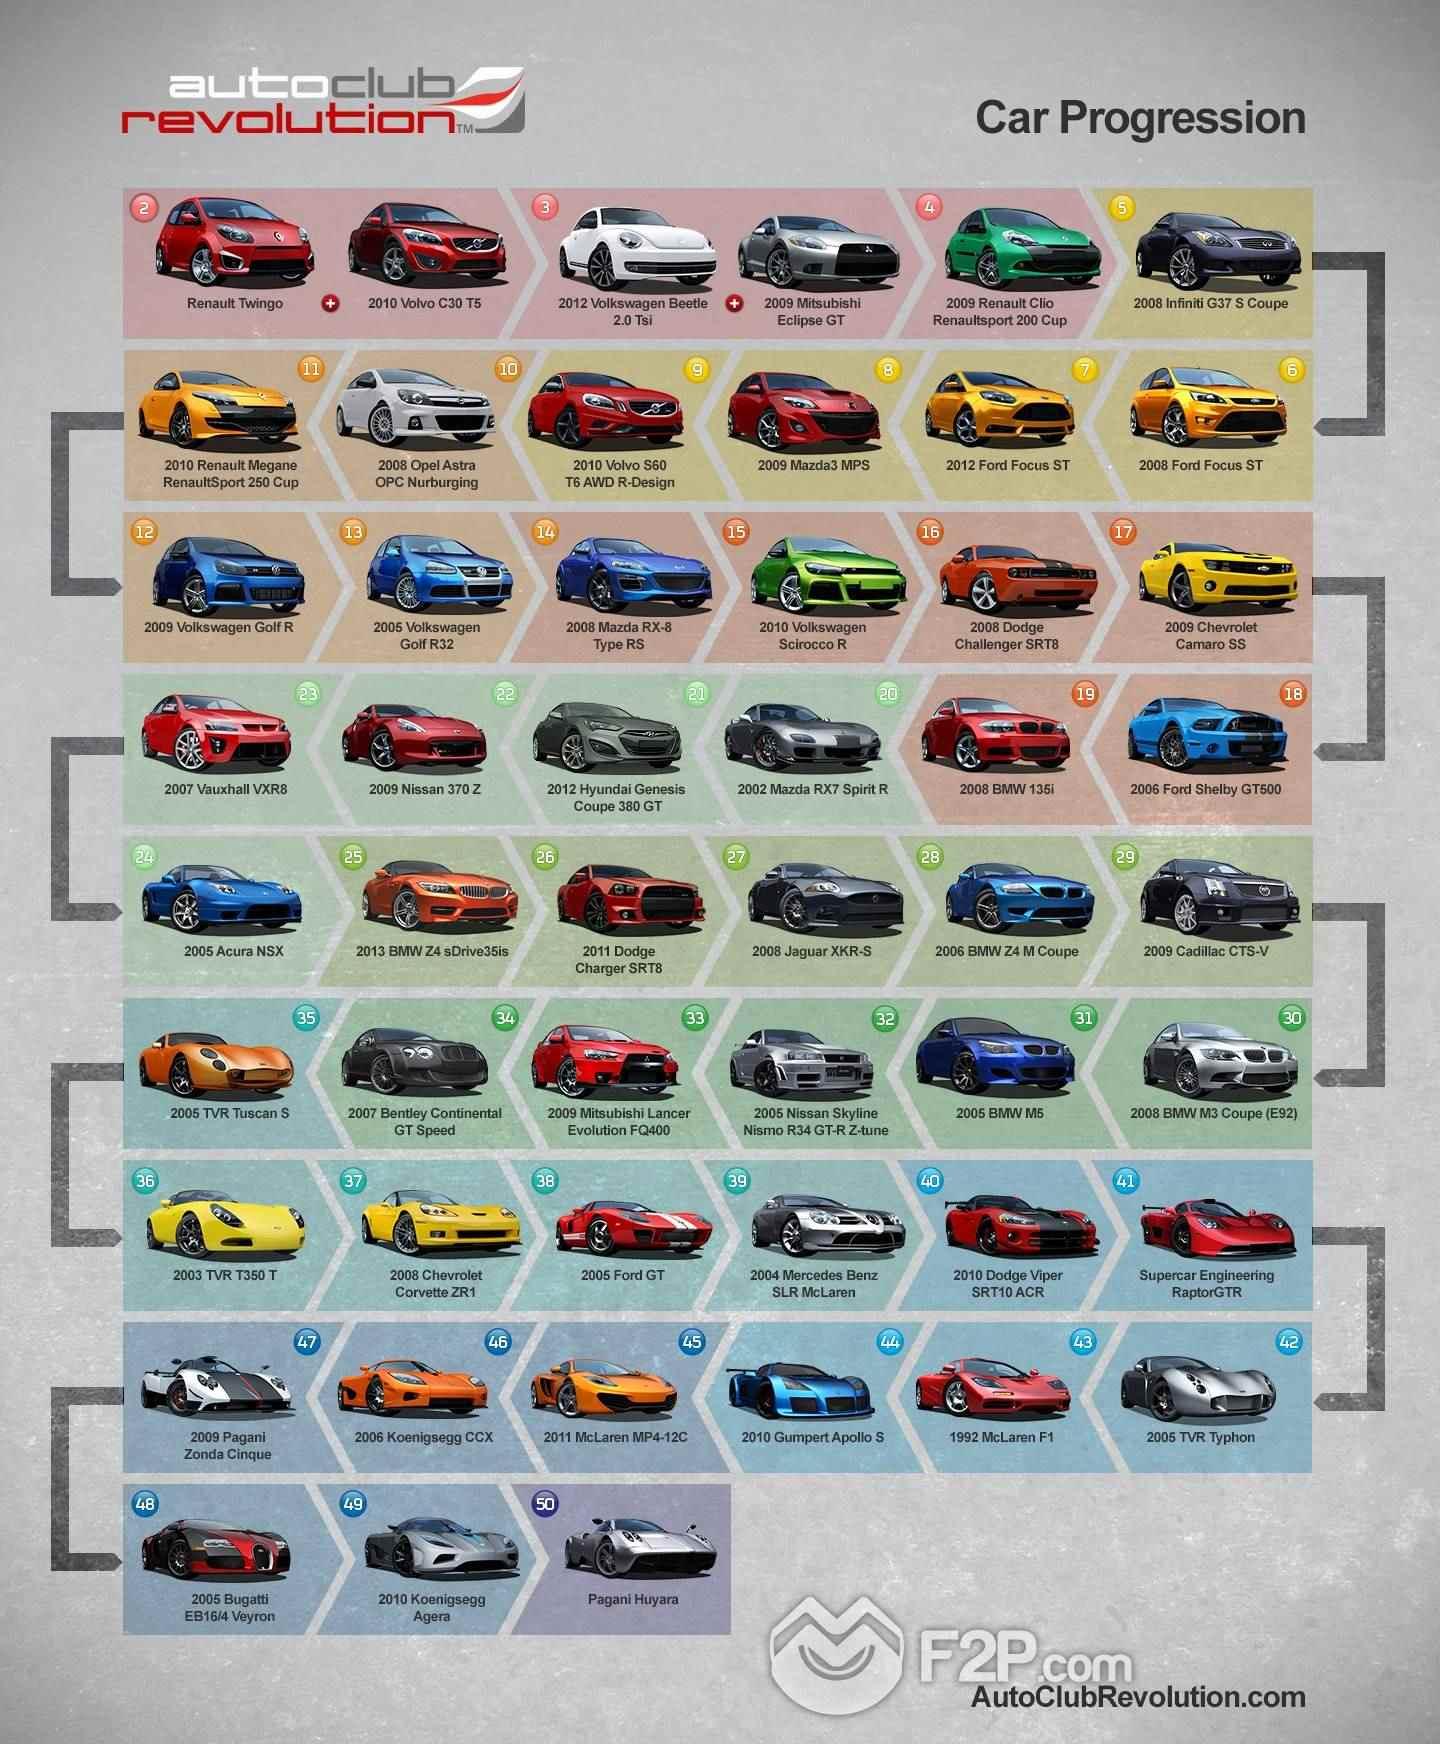 car_progression__graphic